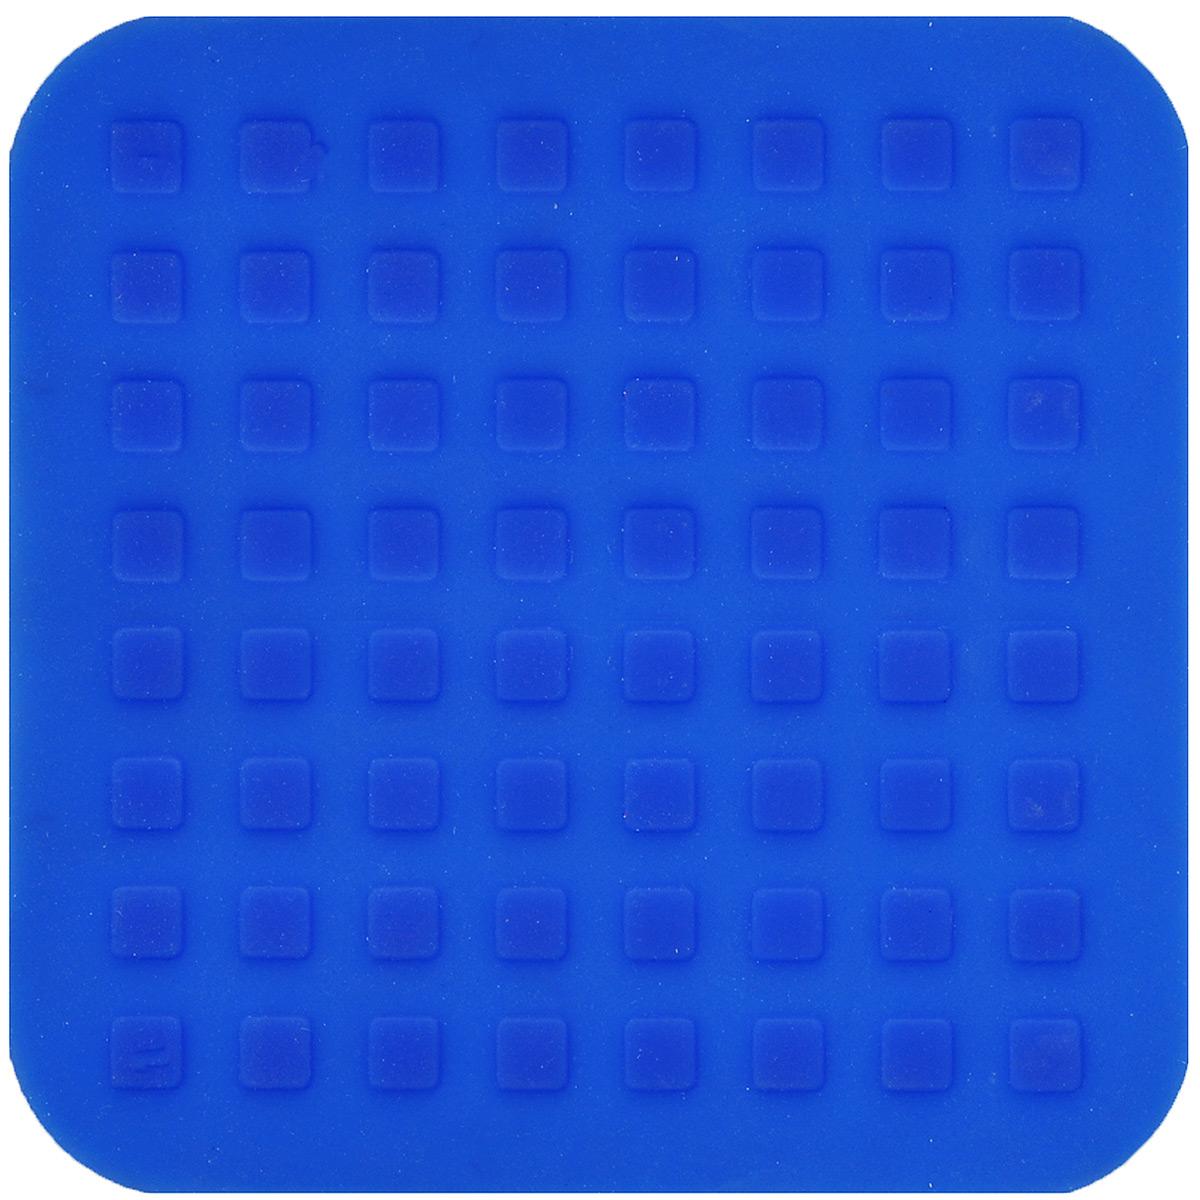 Подставка под горячее Mayer & Boch, силиконовая, цвет: синий, 16 х 16 см20058Подставка под горячее Mayer & Boch изготовлена из силикона и декорирована объемными изображениями квадратов. Материал позволяет выдерживать высокие температуры и не скользит по поверхности стола.Каждая хозяйка знает, что подставка под горячее - это незаменимый и очень полезный аксессуар на каждой кухне. Ваш стол будет не только украшен яркой и оригинальной подставкой, но и сбережен от воздействия высоких температур.